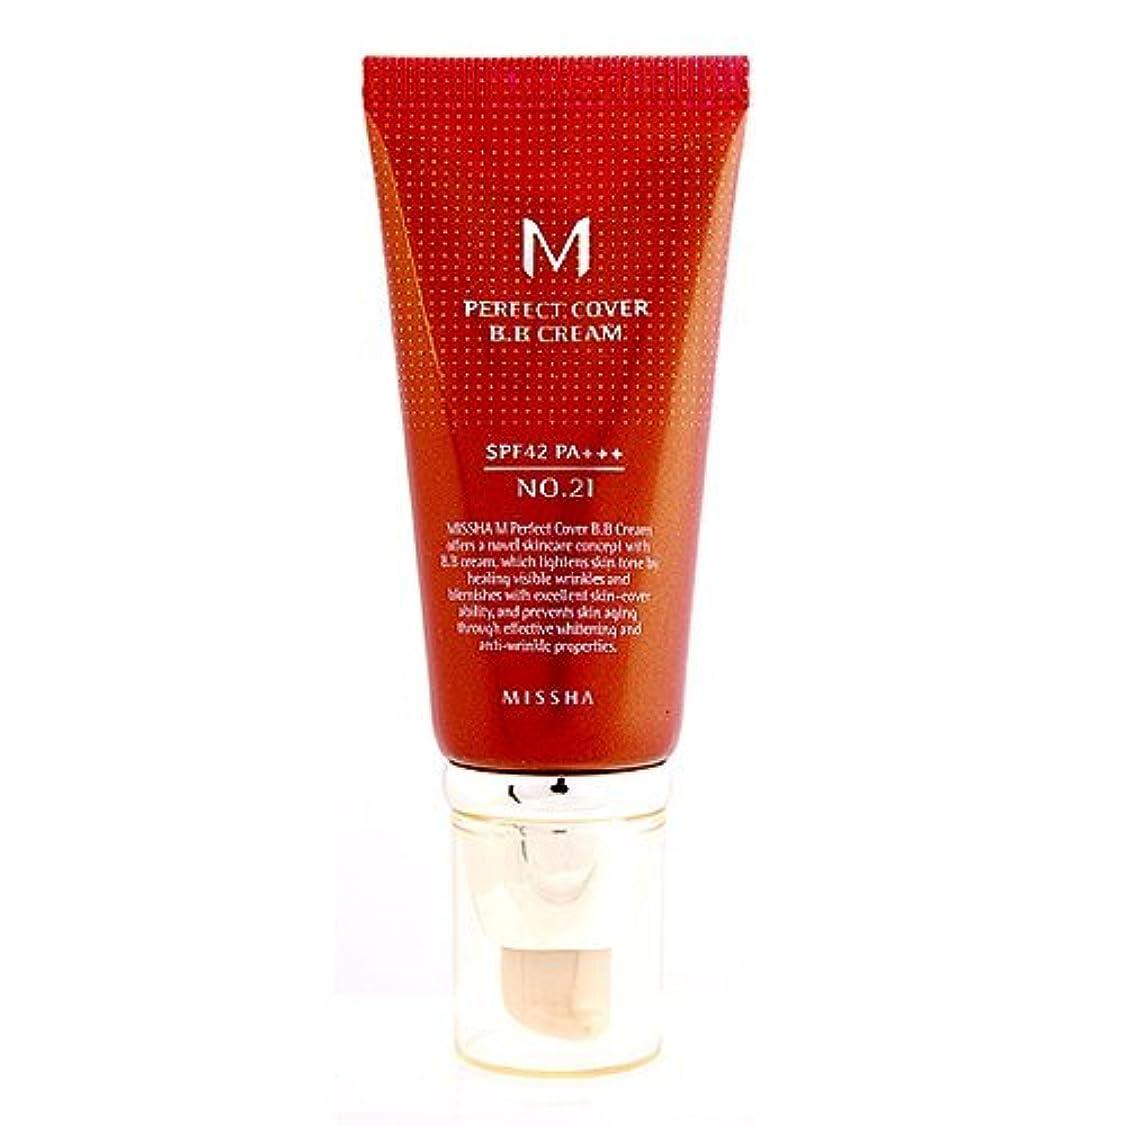 腰銃切るMissha M Perfect Cover B.B. Cream SPF 42 PA+++ 21 Light Beige, 1.69oz, 50ml